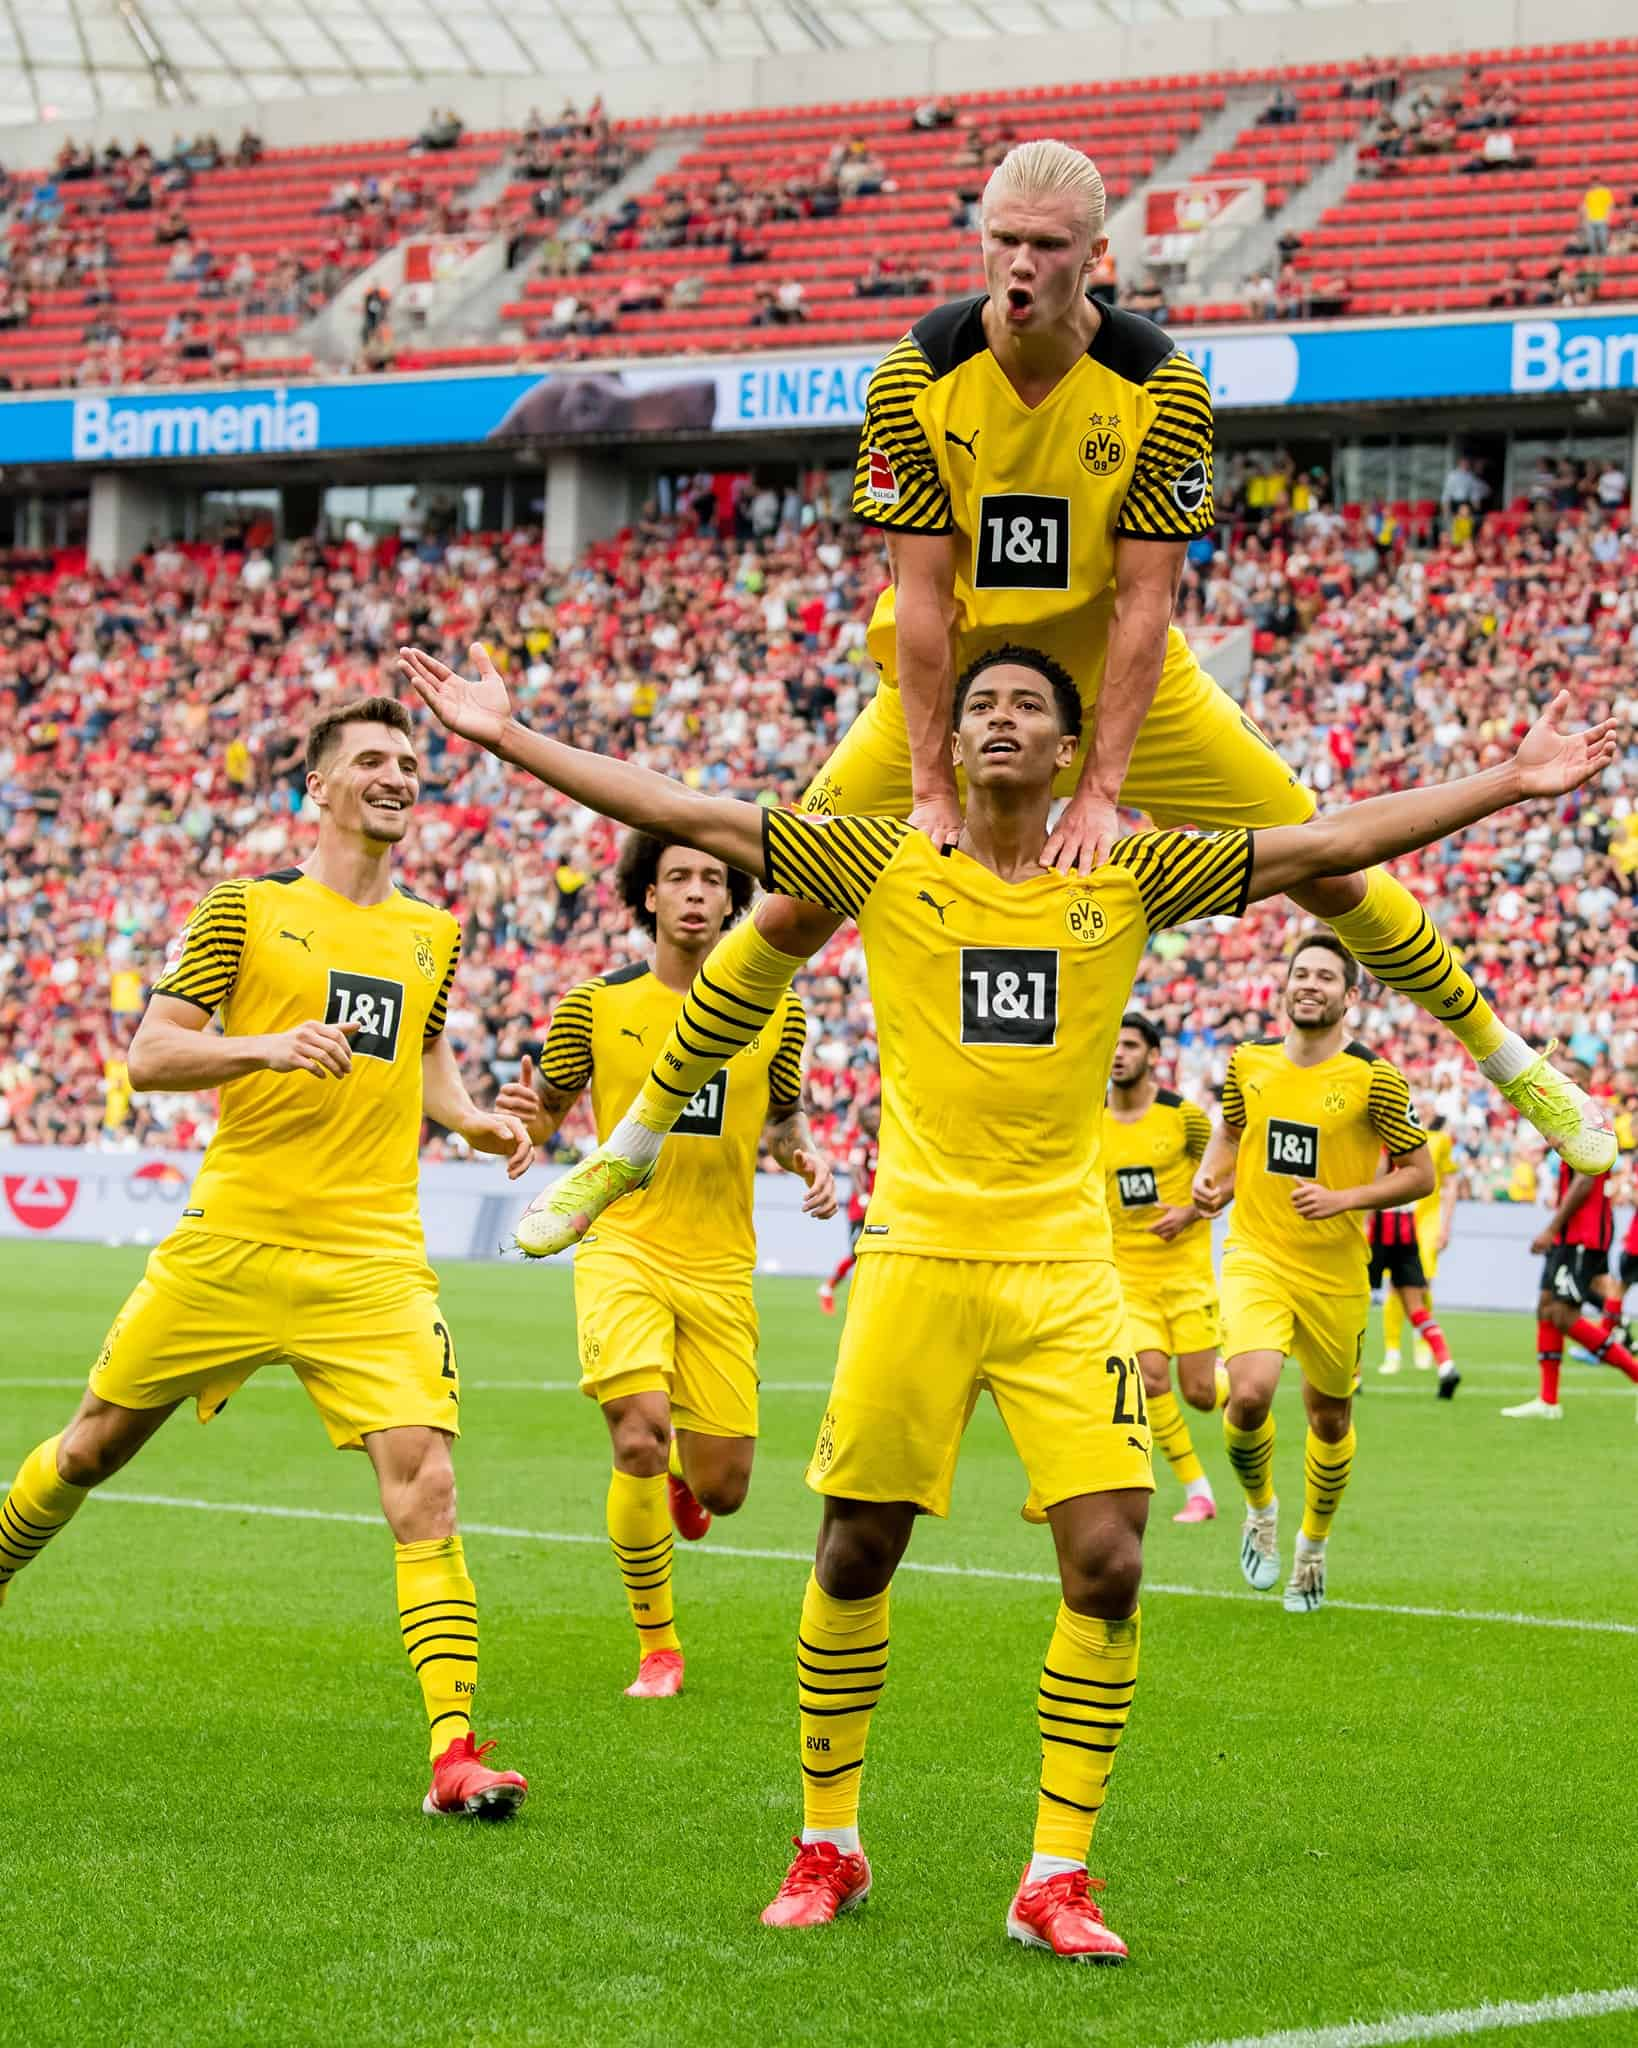 Ponturi pariuri Borussia Dortmund vs Augsburg